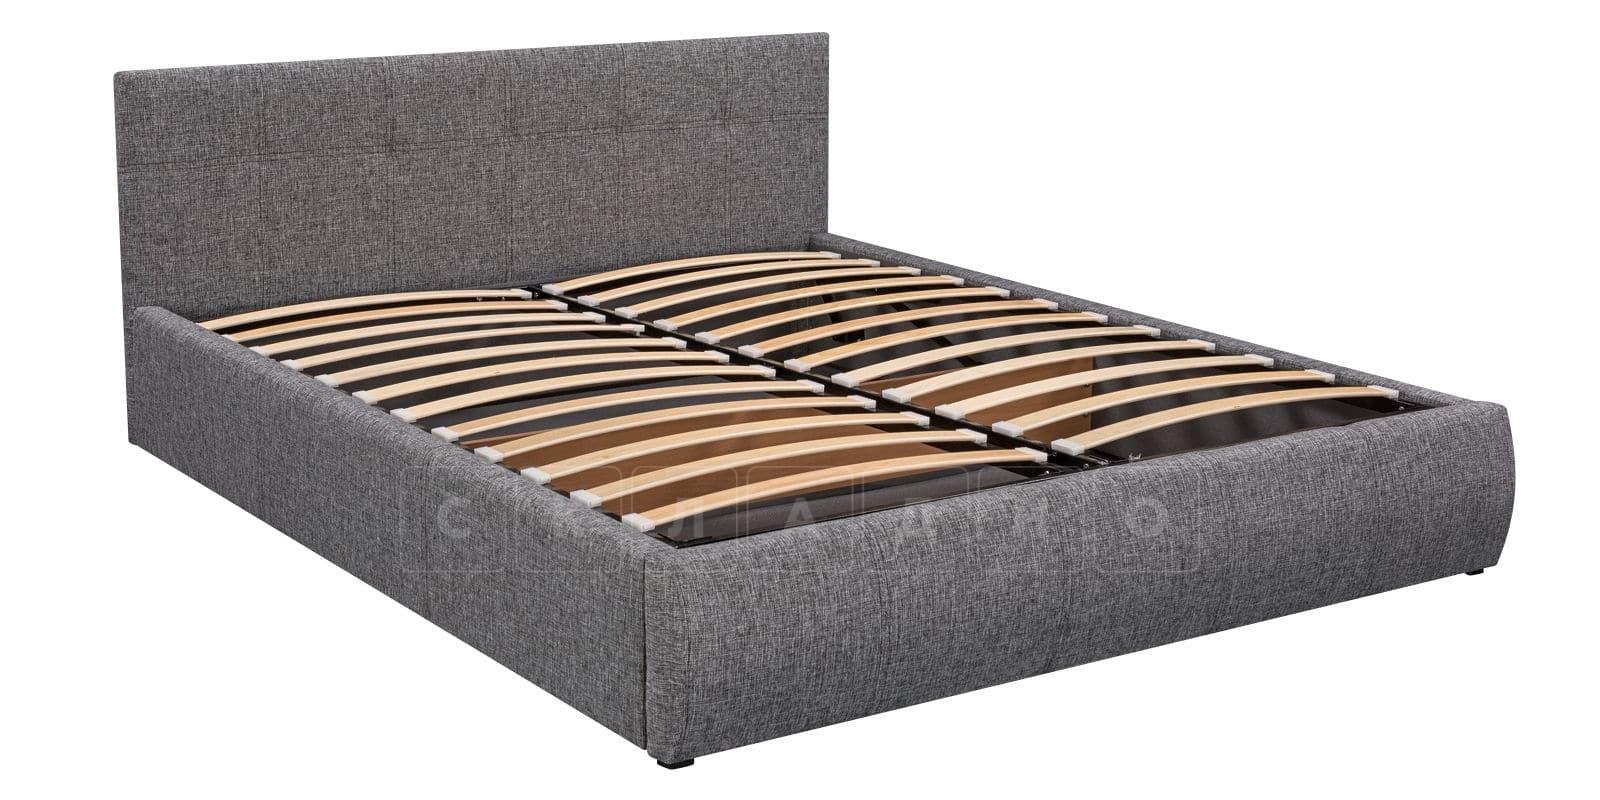 Мягкая кровать Афина 160см рогожка серого цвета фото 5 | интернет-магазин Складно